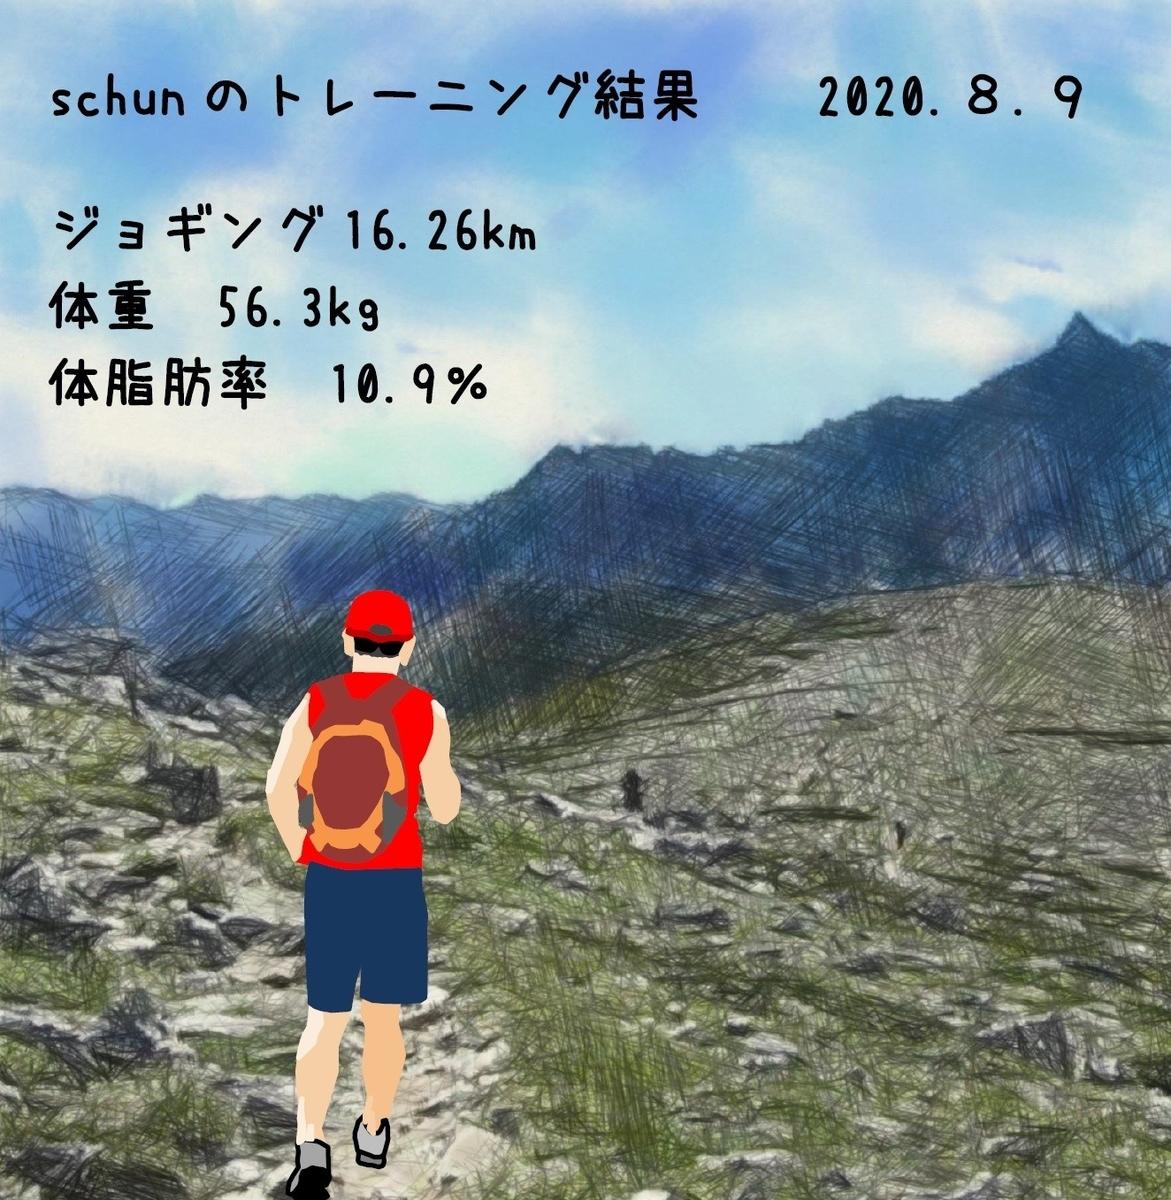 f:id:schunchi2007:20210809045254j:plain